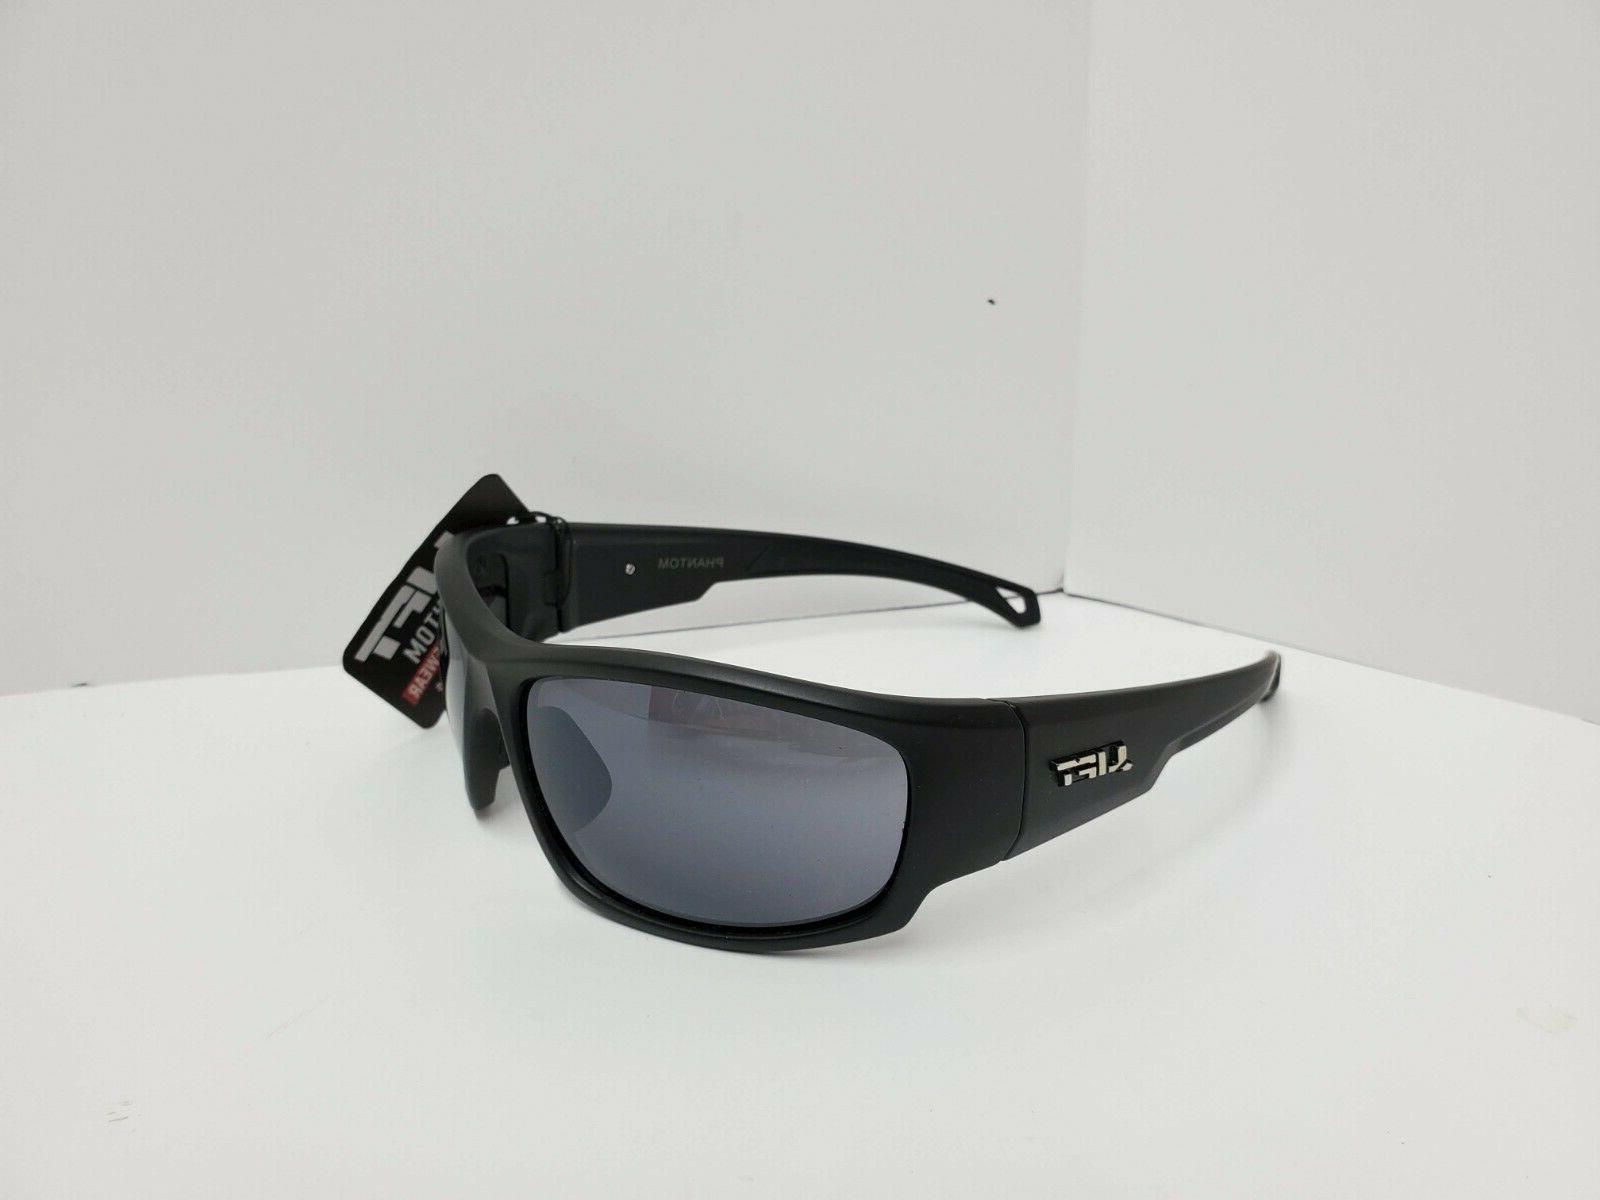 LIFT Safety Phantom Safety Glasses Black Frame/Smoke Lens Z8